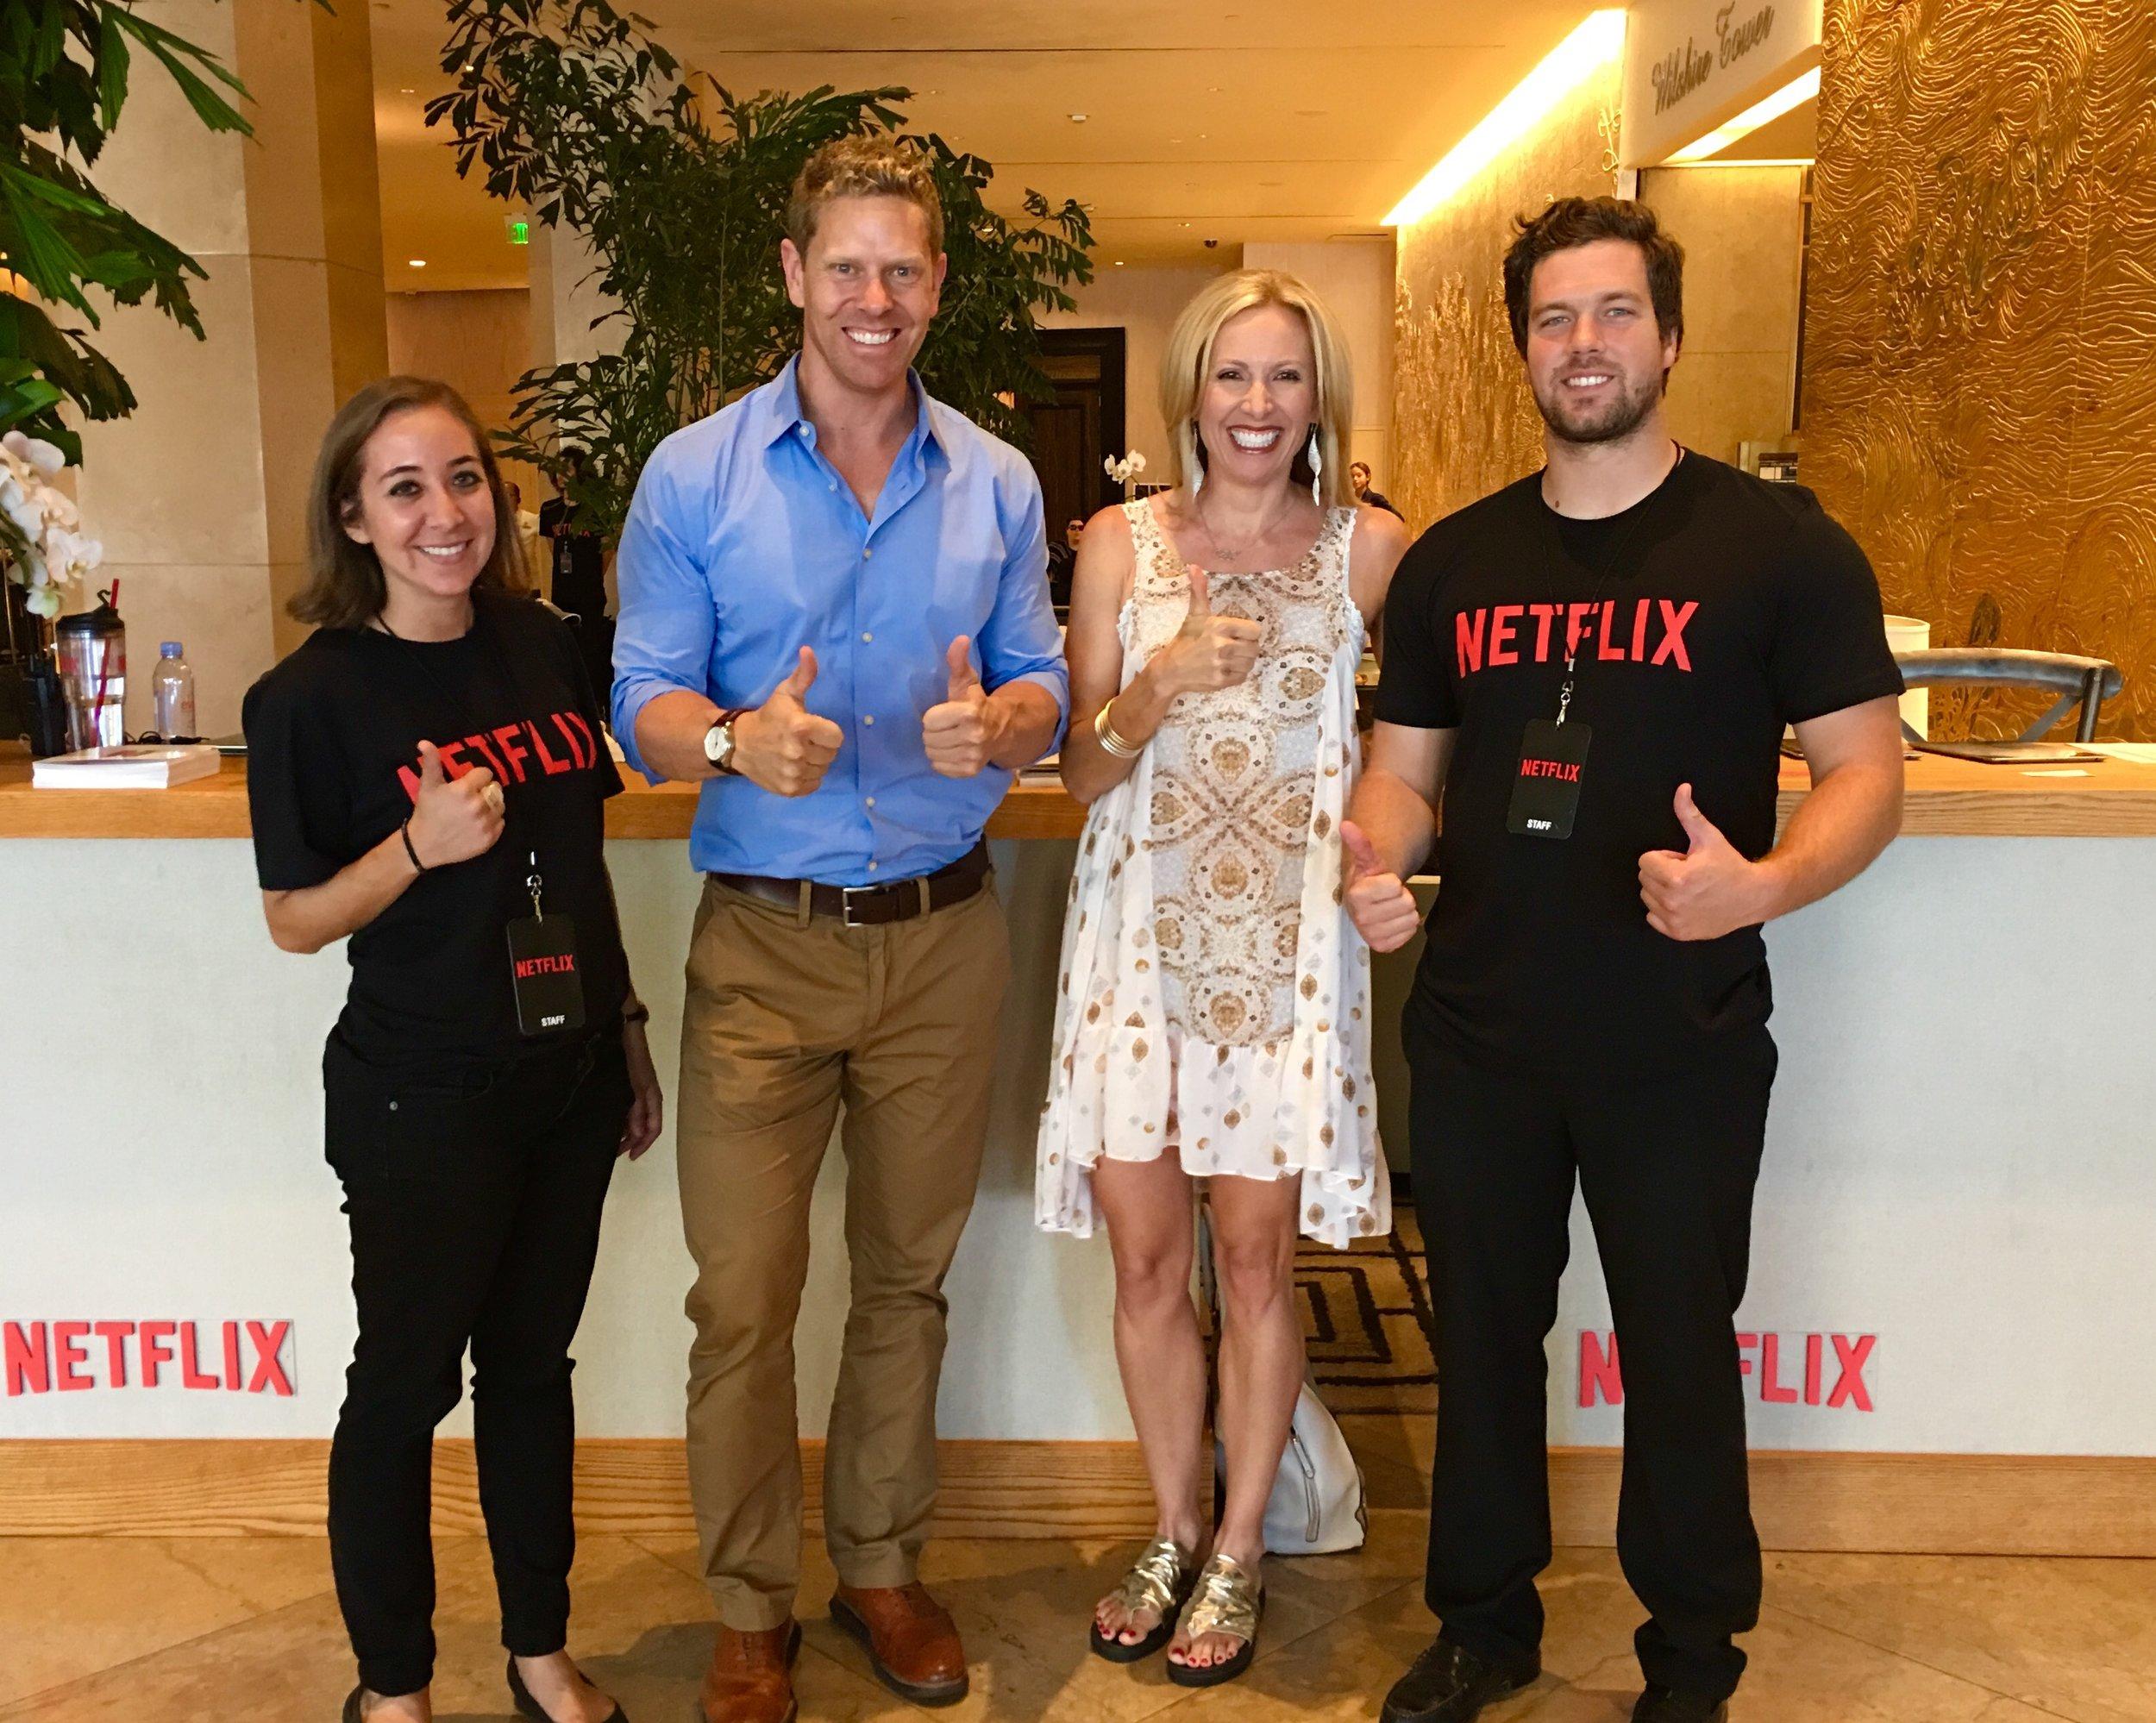 Netflix-Dist.jpg